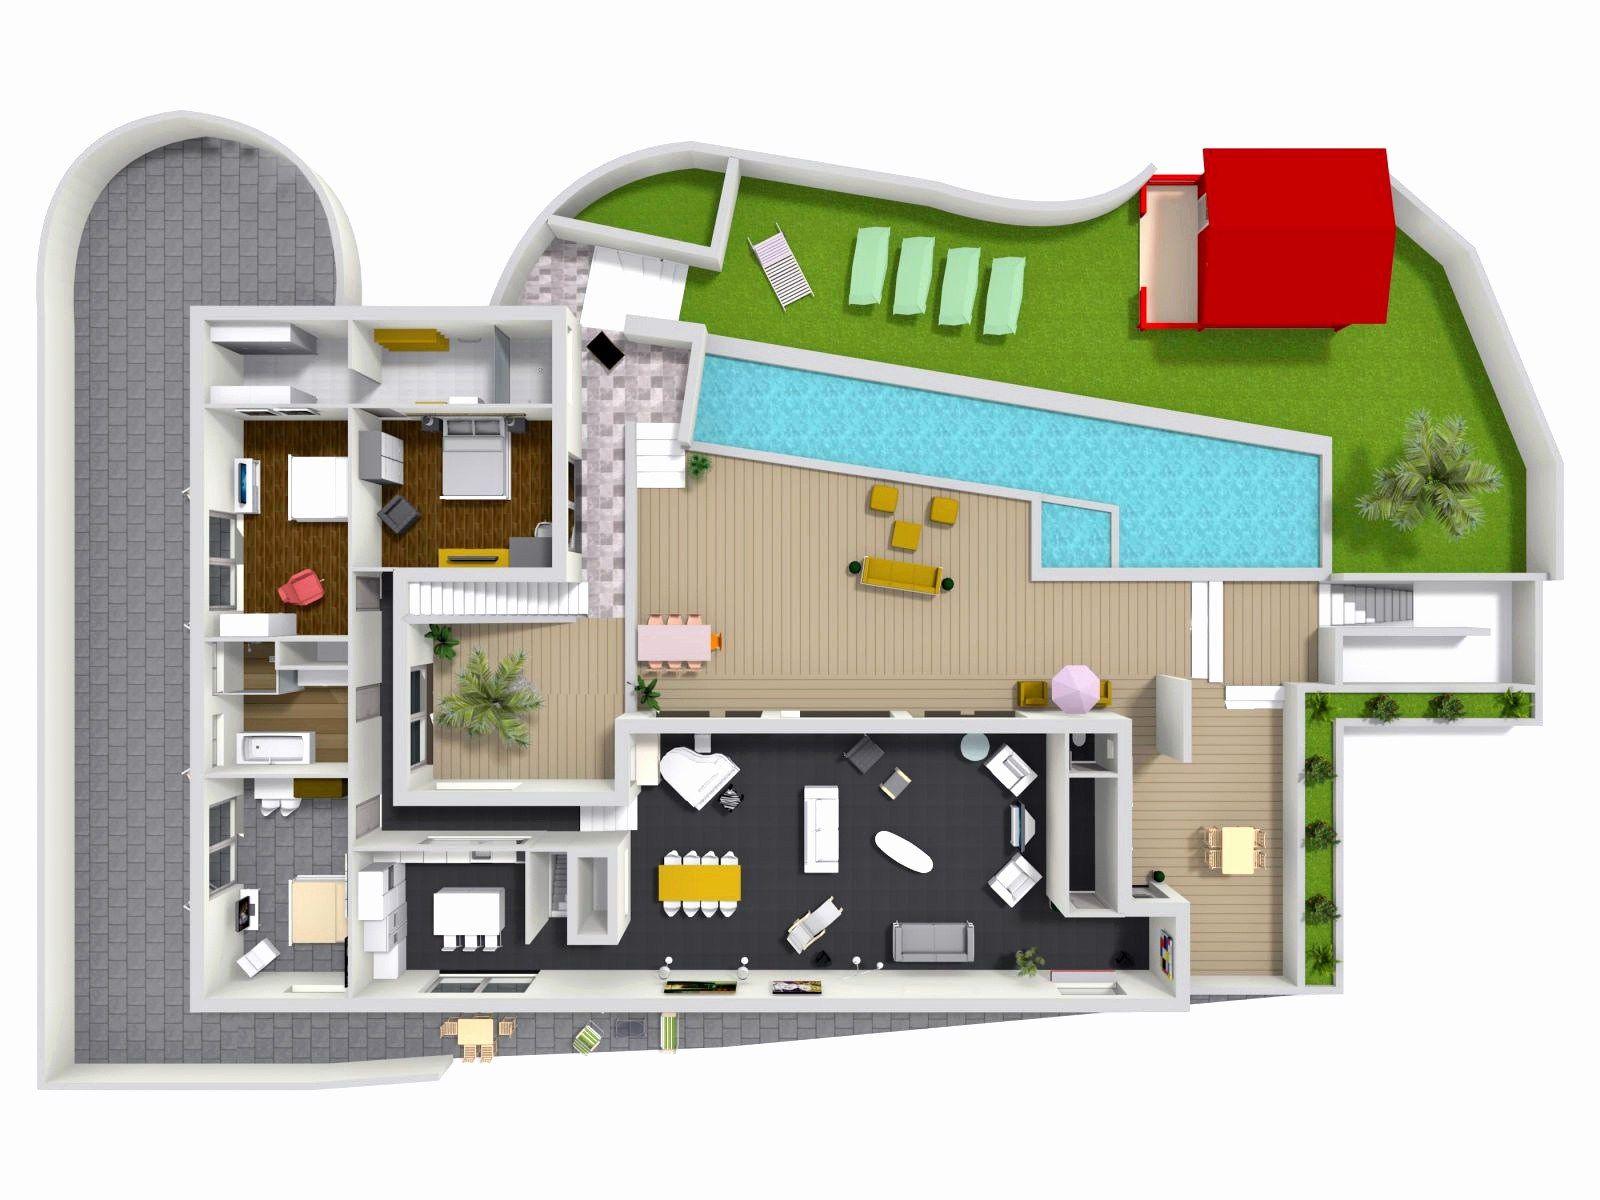 Logiciel Plan Maison 3d Gratuit Facile 35 Logiciel Plan Maison 3d Gratuit Facile Archifacile Logiciel Metal Furniture Kids Rugs Decor